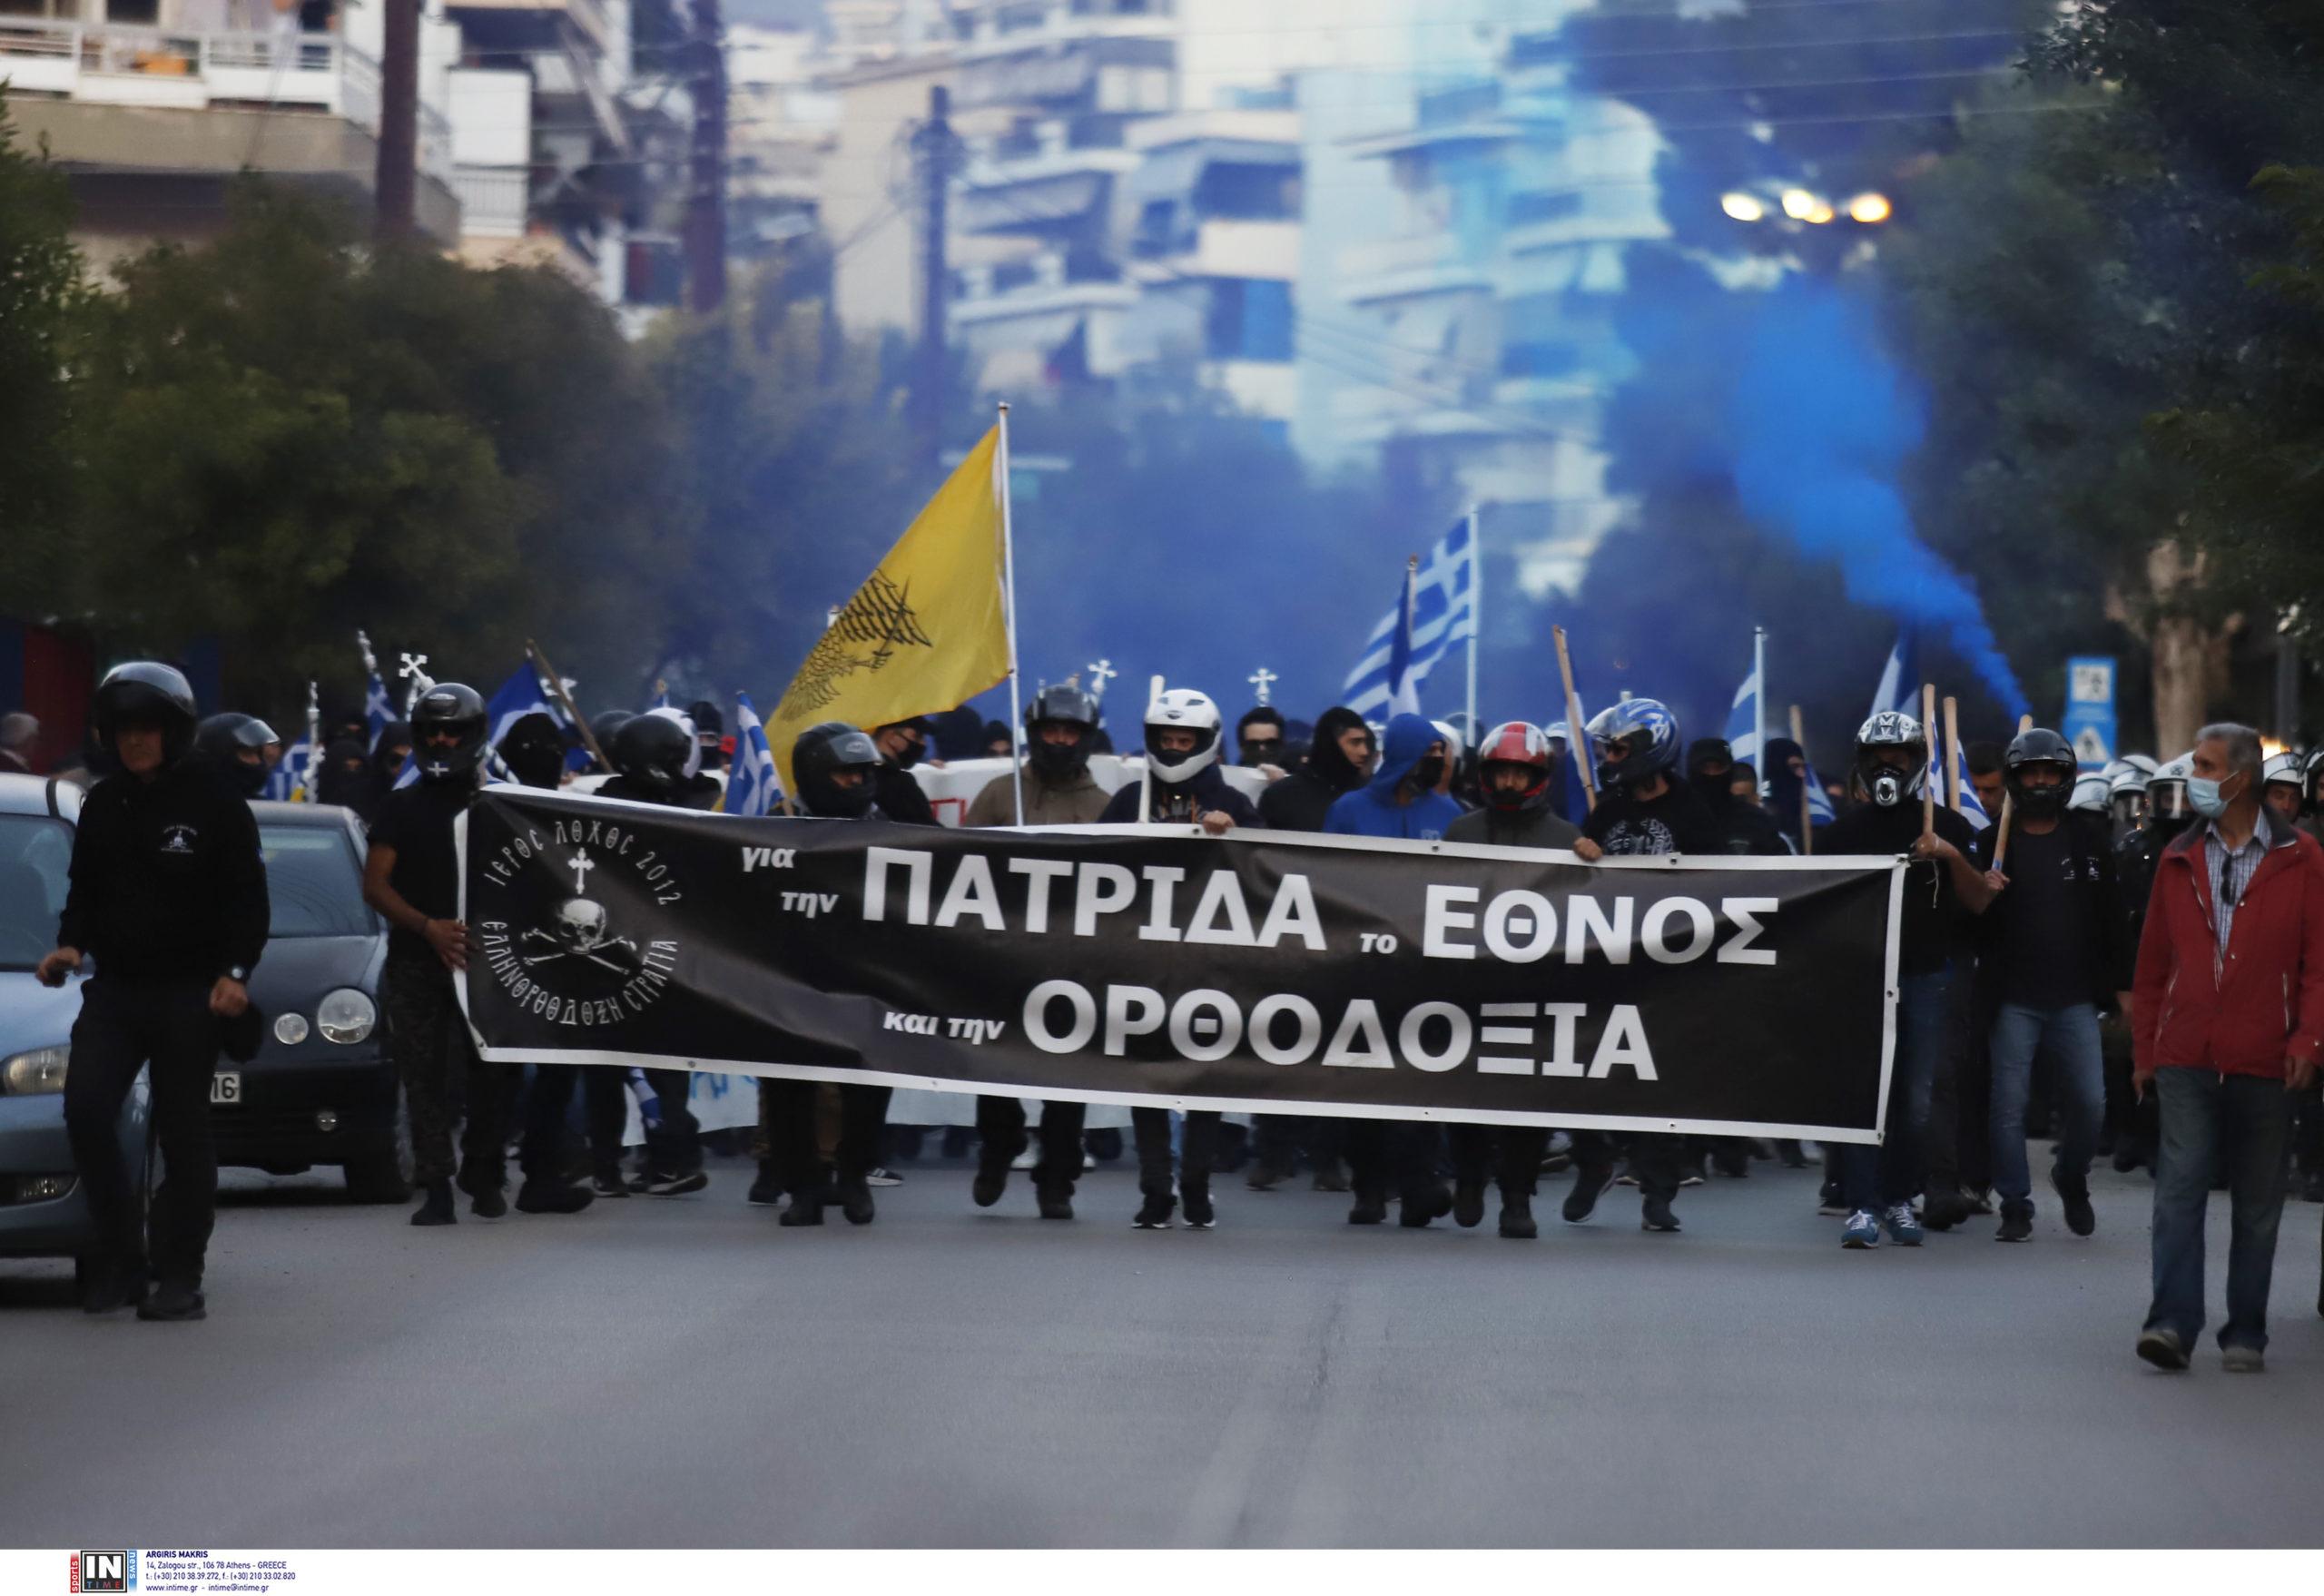 Θεσσαλονίκη συγκέντρωση ακροδεξιοί